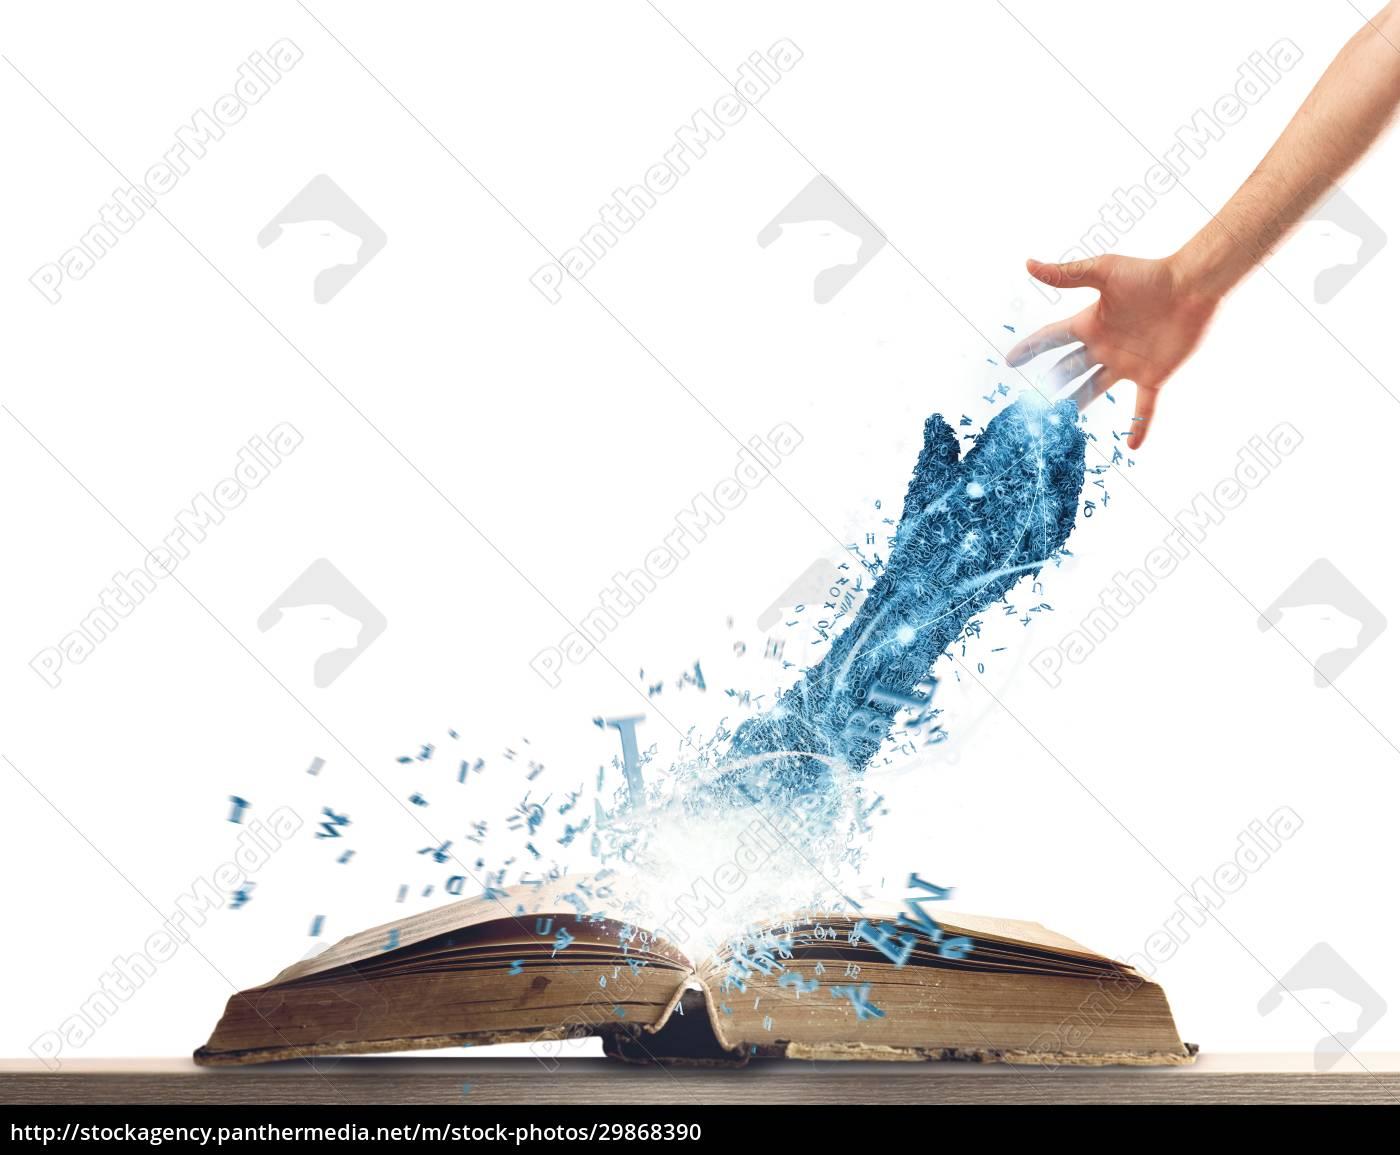 friend, book - 29868390